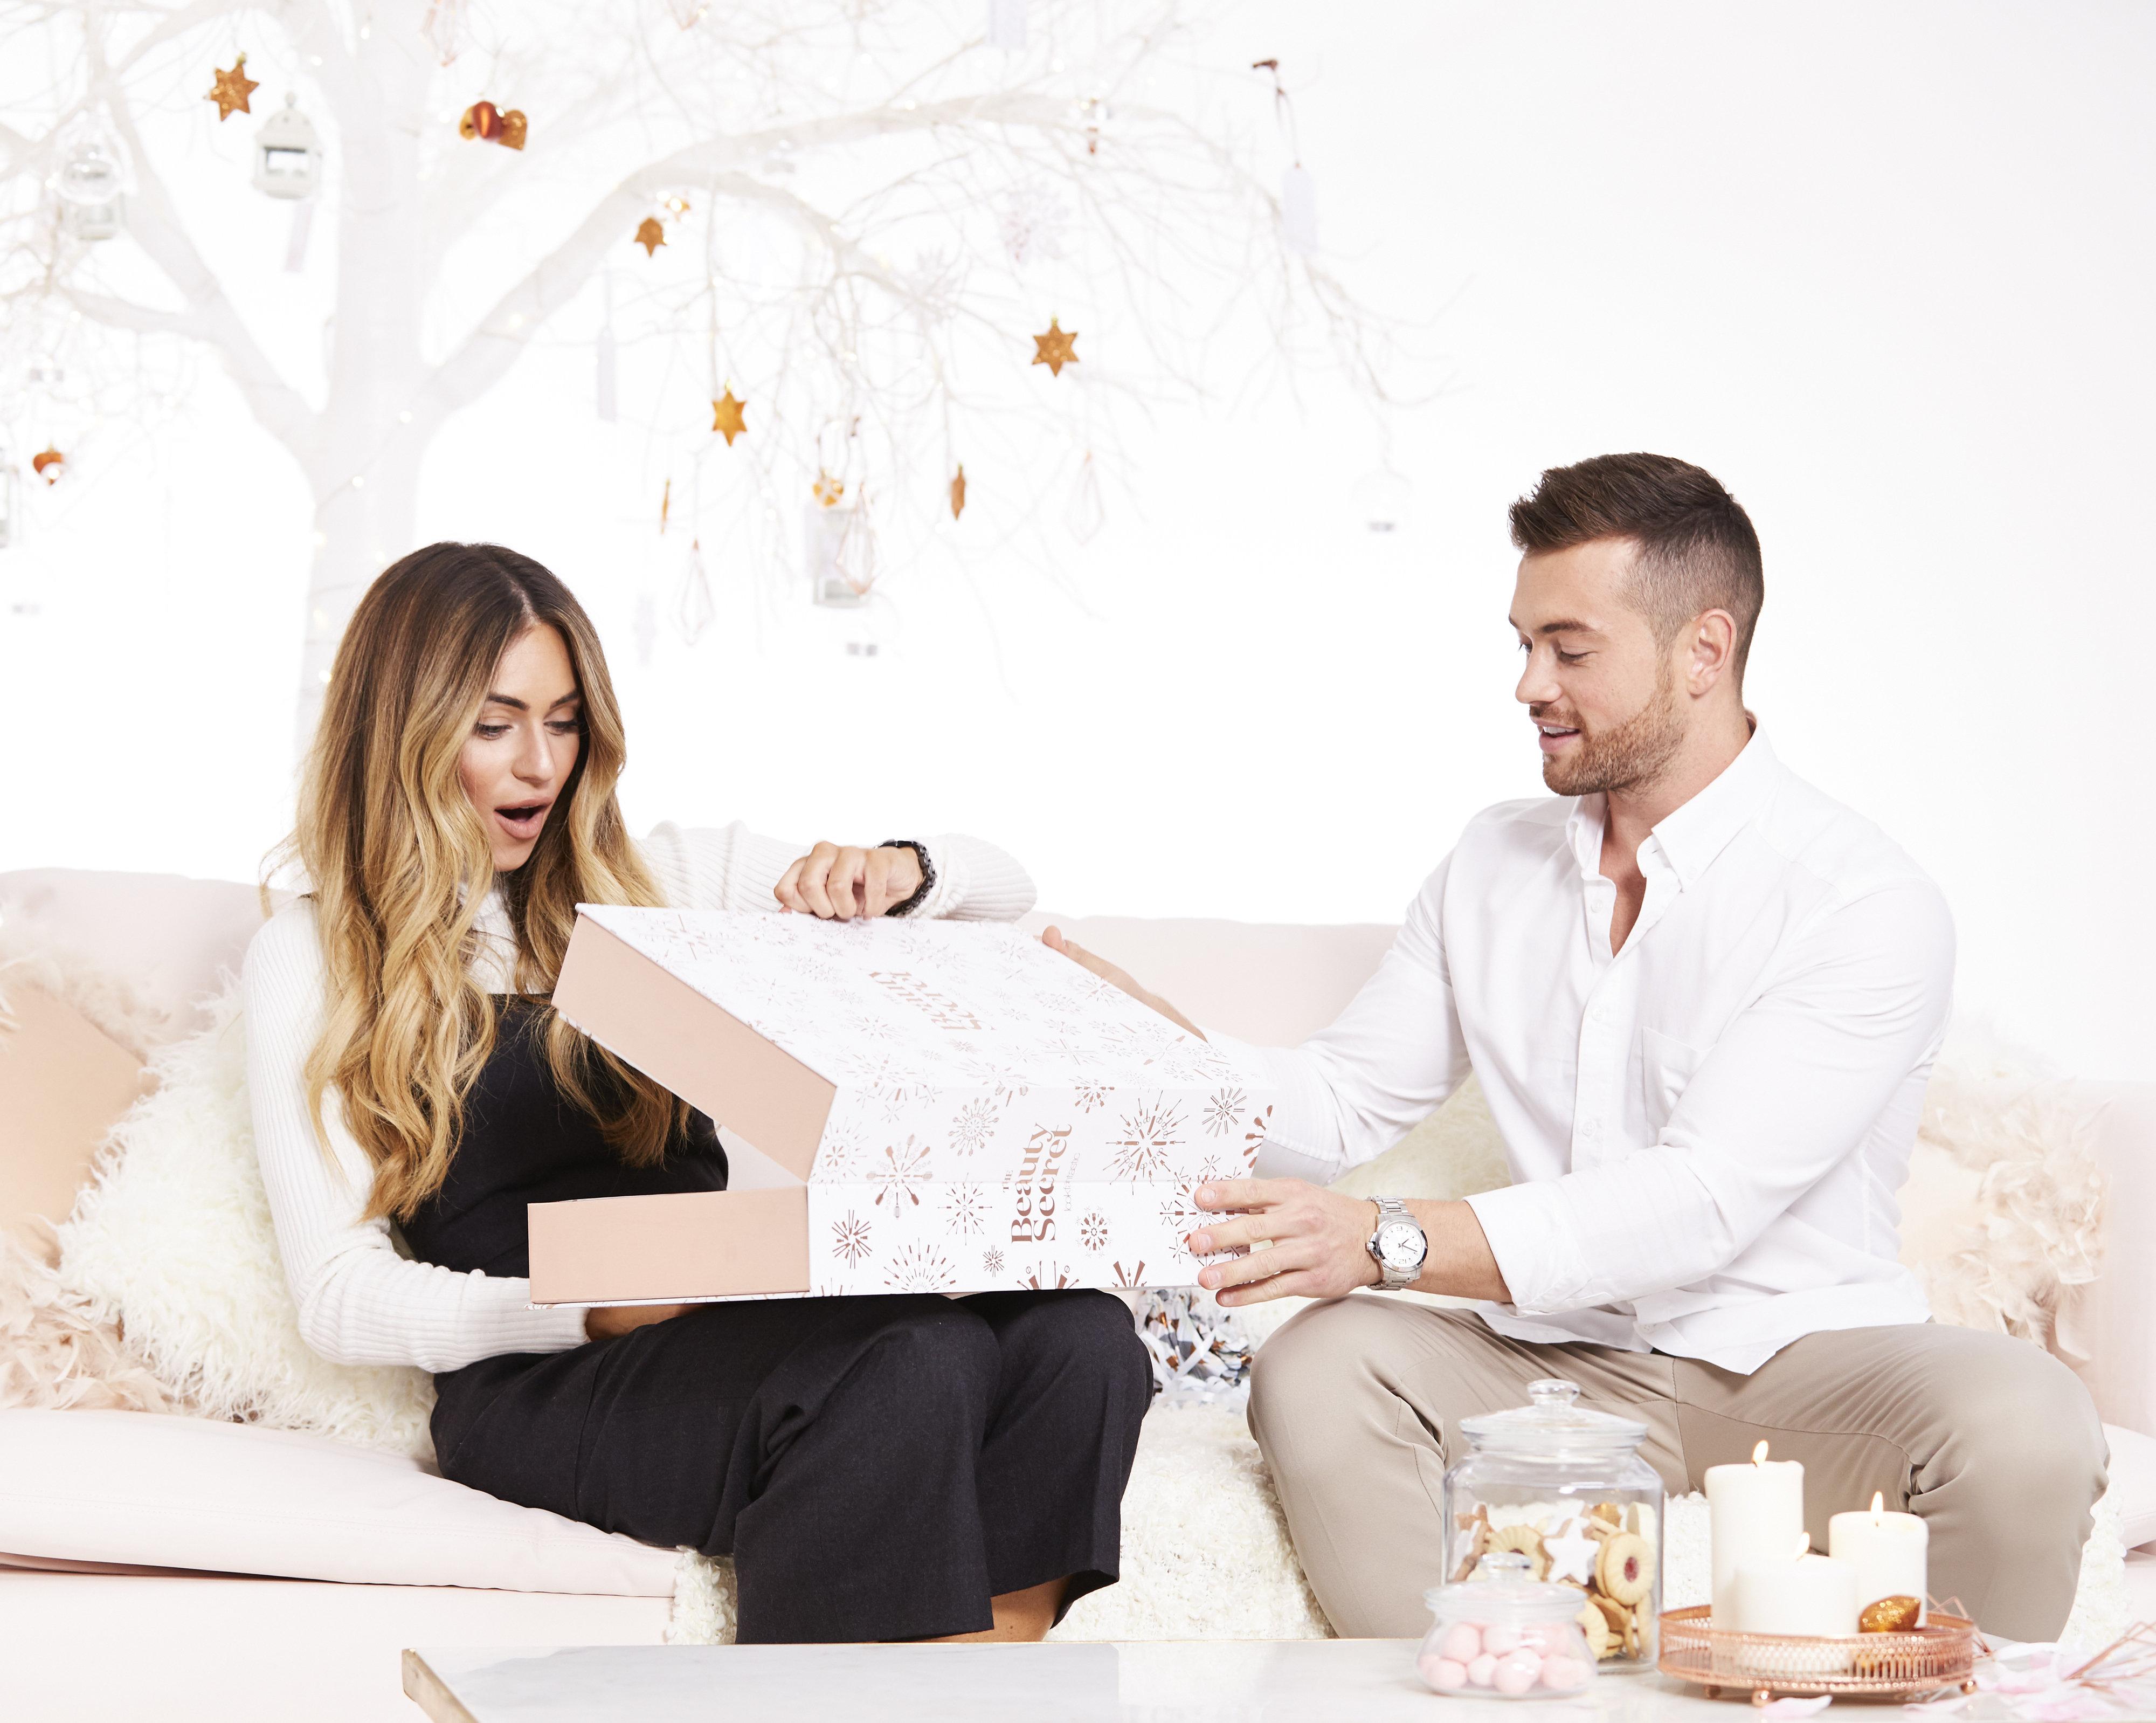 Una pareja abre nuestro calendario de adviento, sonriendo